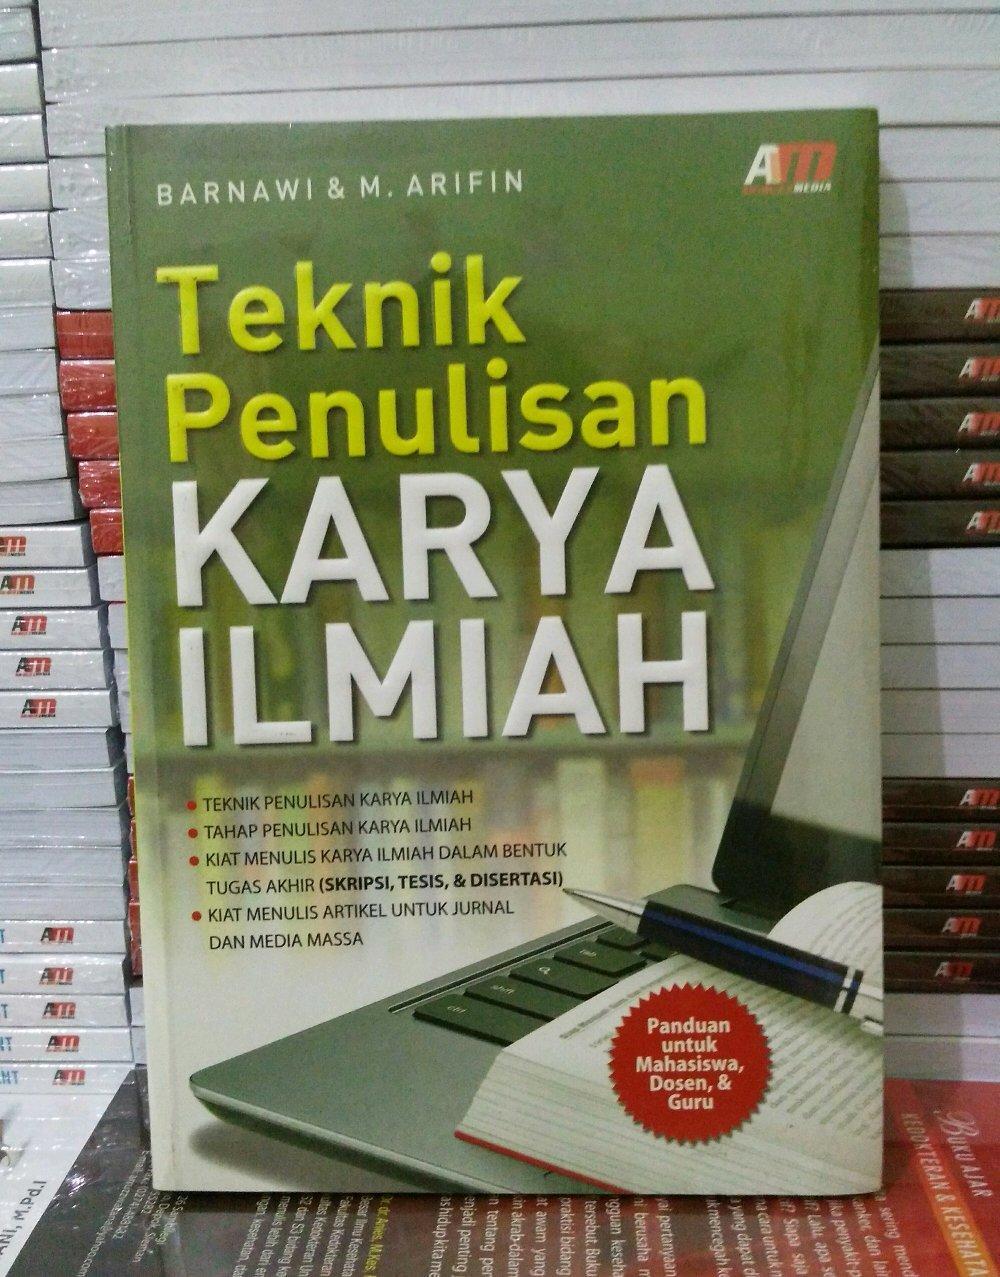 Buku Teknik Penulisan Karya Ilmiah - Barnawi & M Arifin By Toko Buku Pustaka Hidayah.